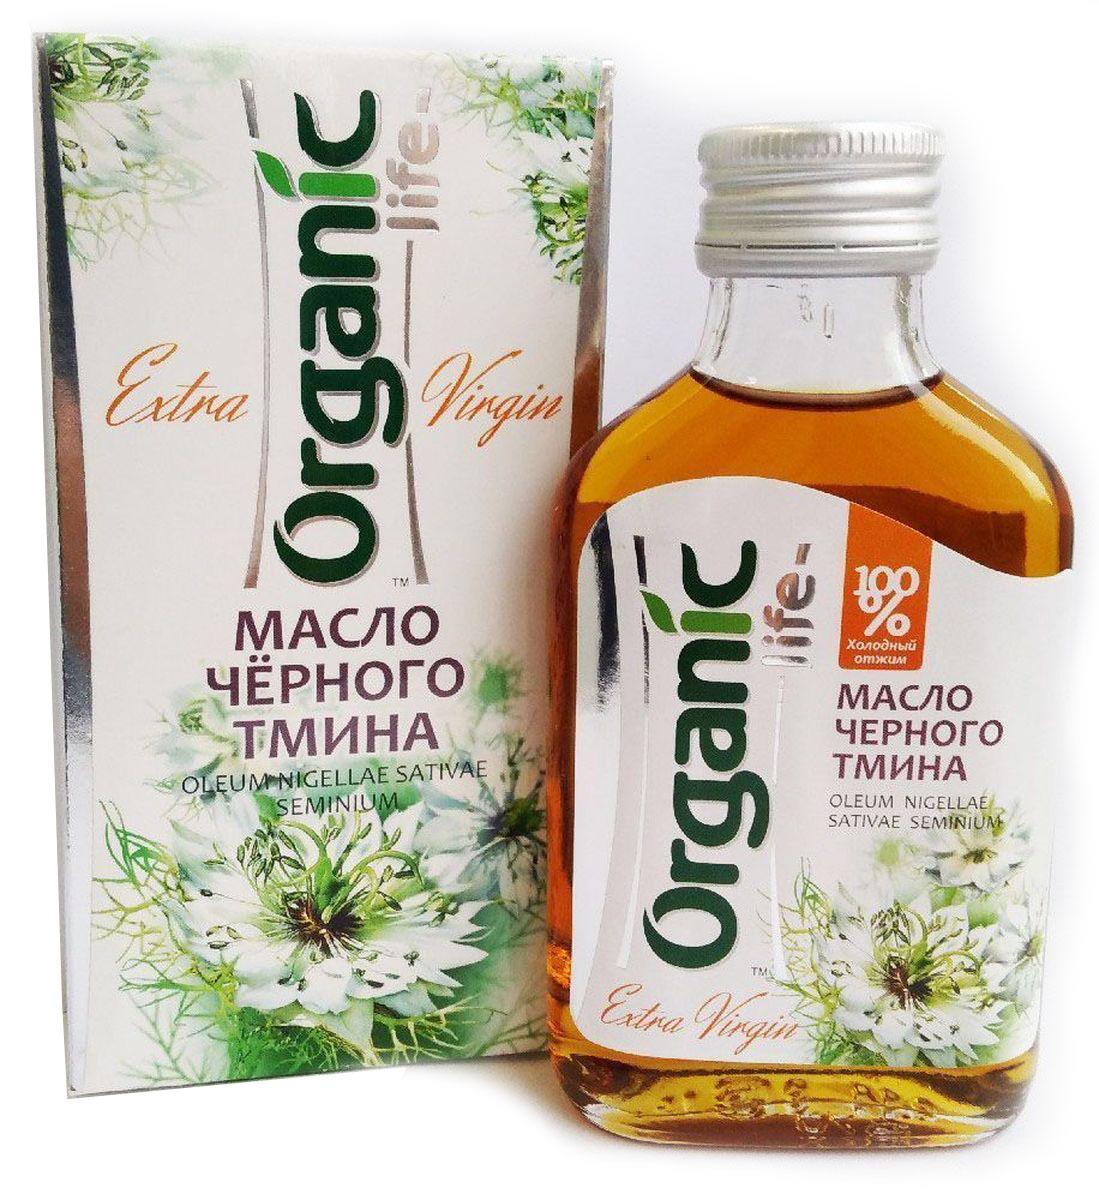 Organic Life масло черного тмина, 100 мл алтэя масло черного тмина 100мл